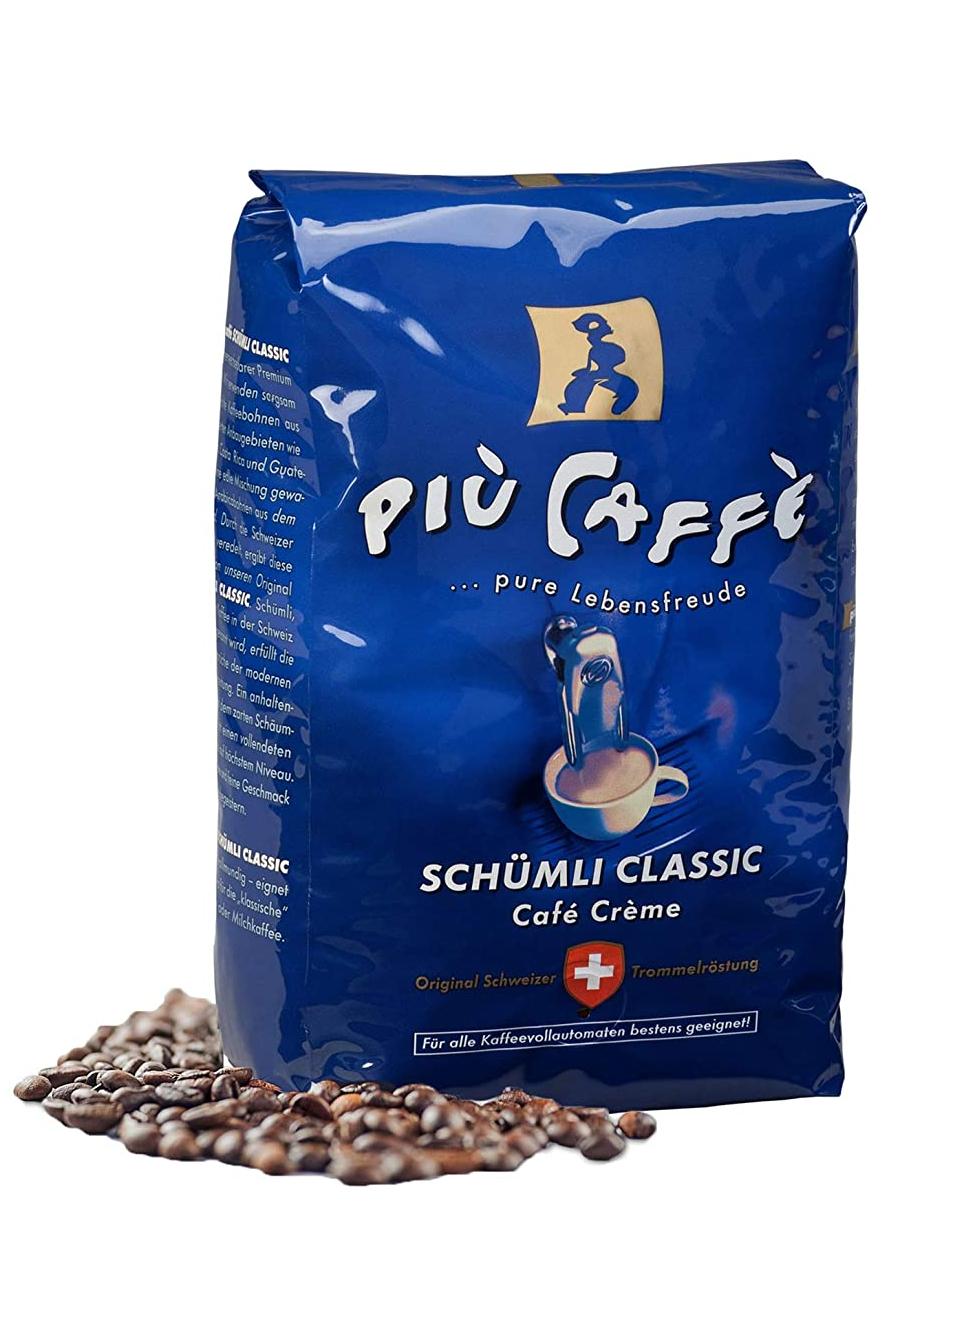 più caffè Schümli Classic Café Crème Kaffeebohnen, 1kg Prime